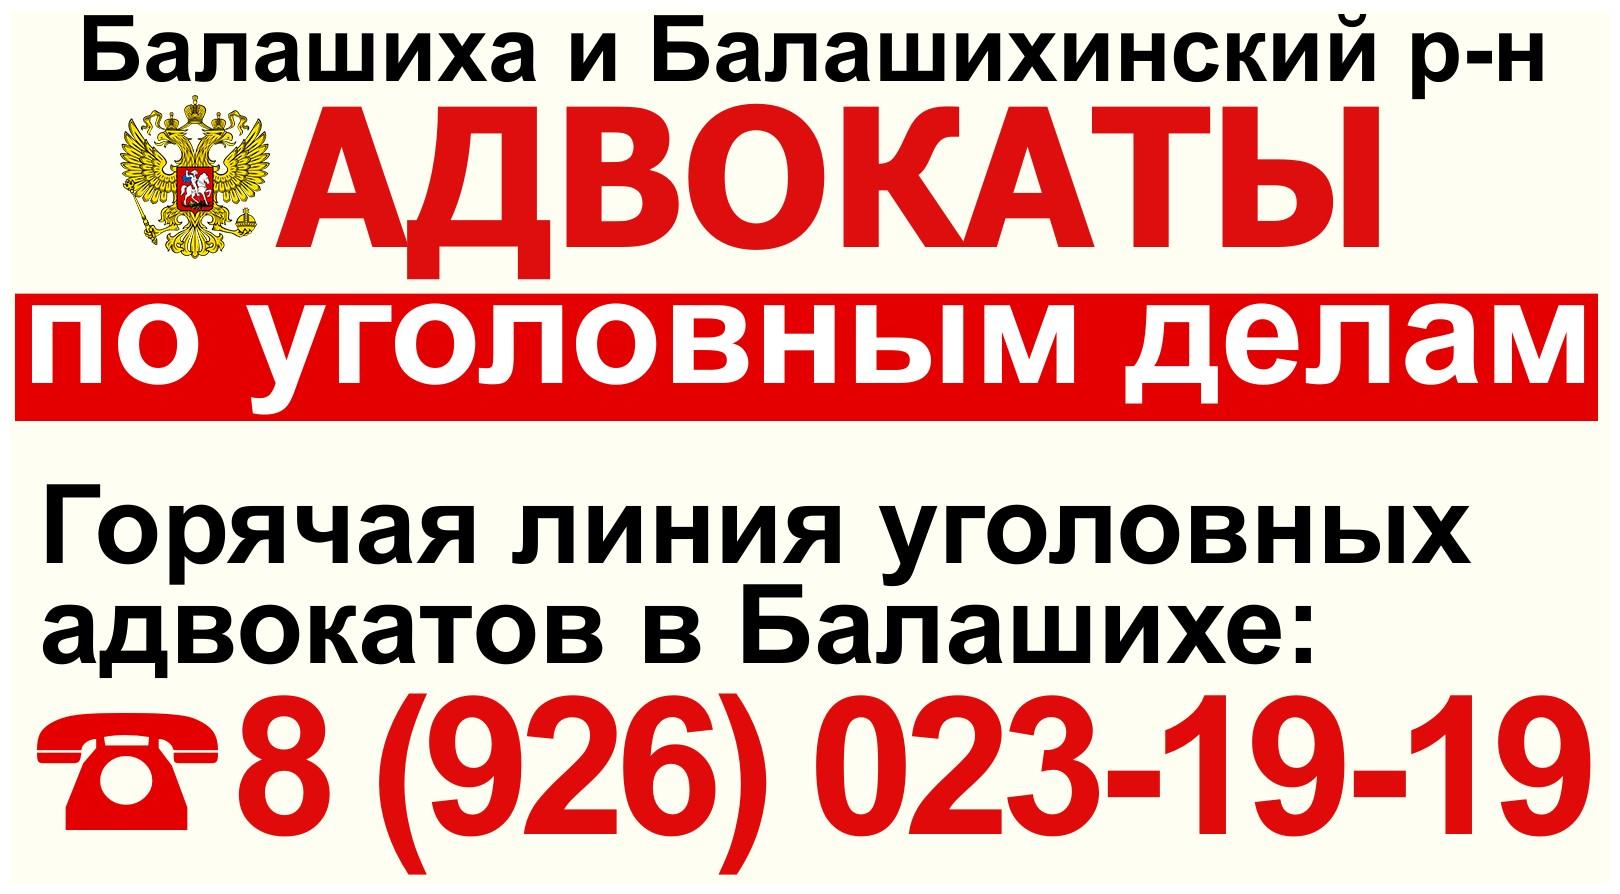 Уголовный адвокат в Балашихе. Адвокаты Балашиха